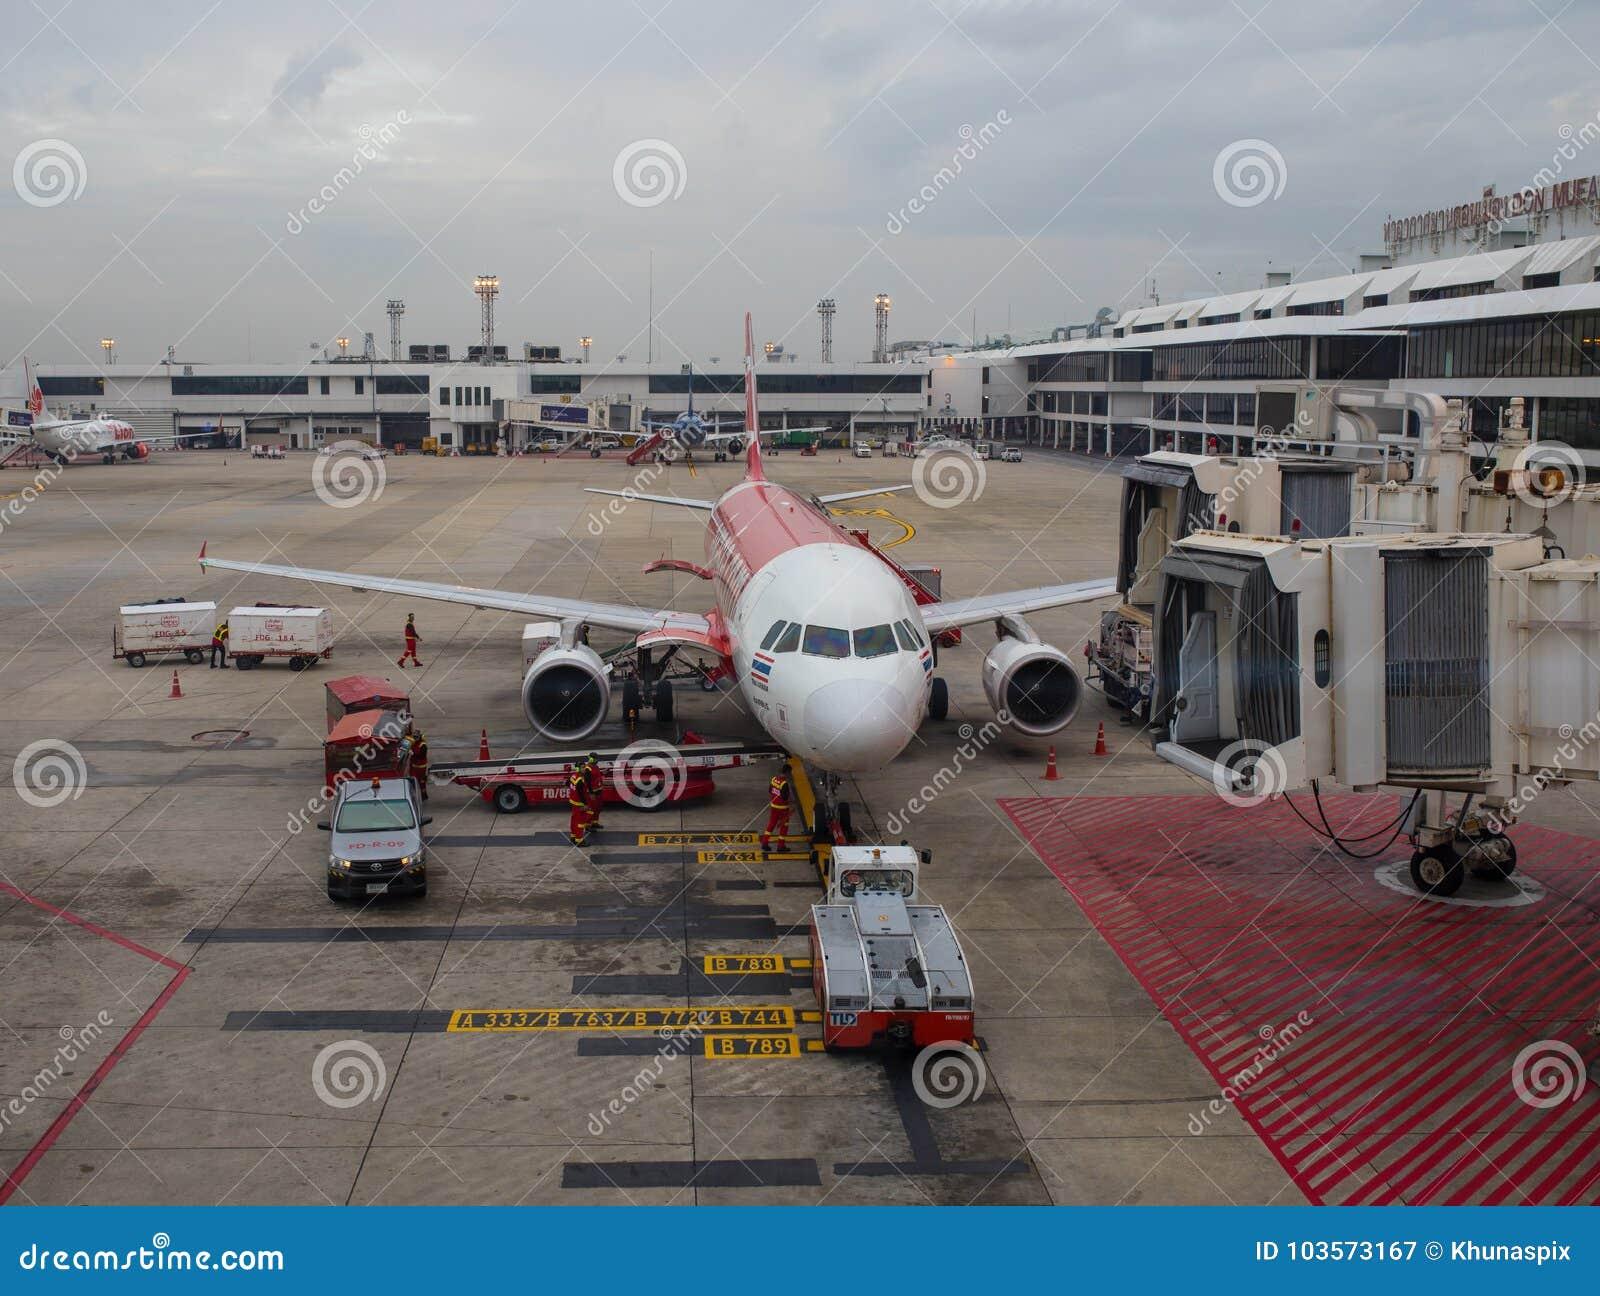 BANGKOK THAILAND - NOV2,2017 : airasia airline plane preparing t